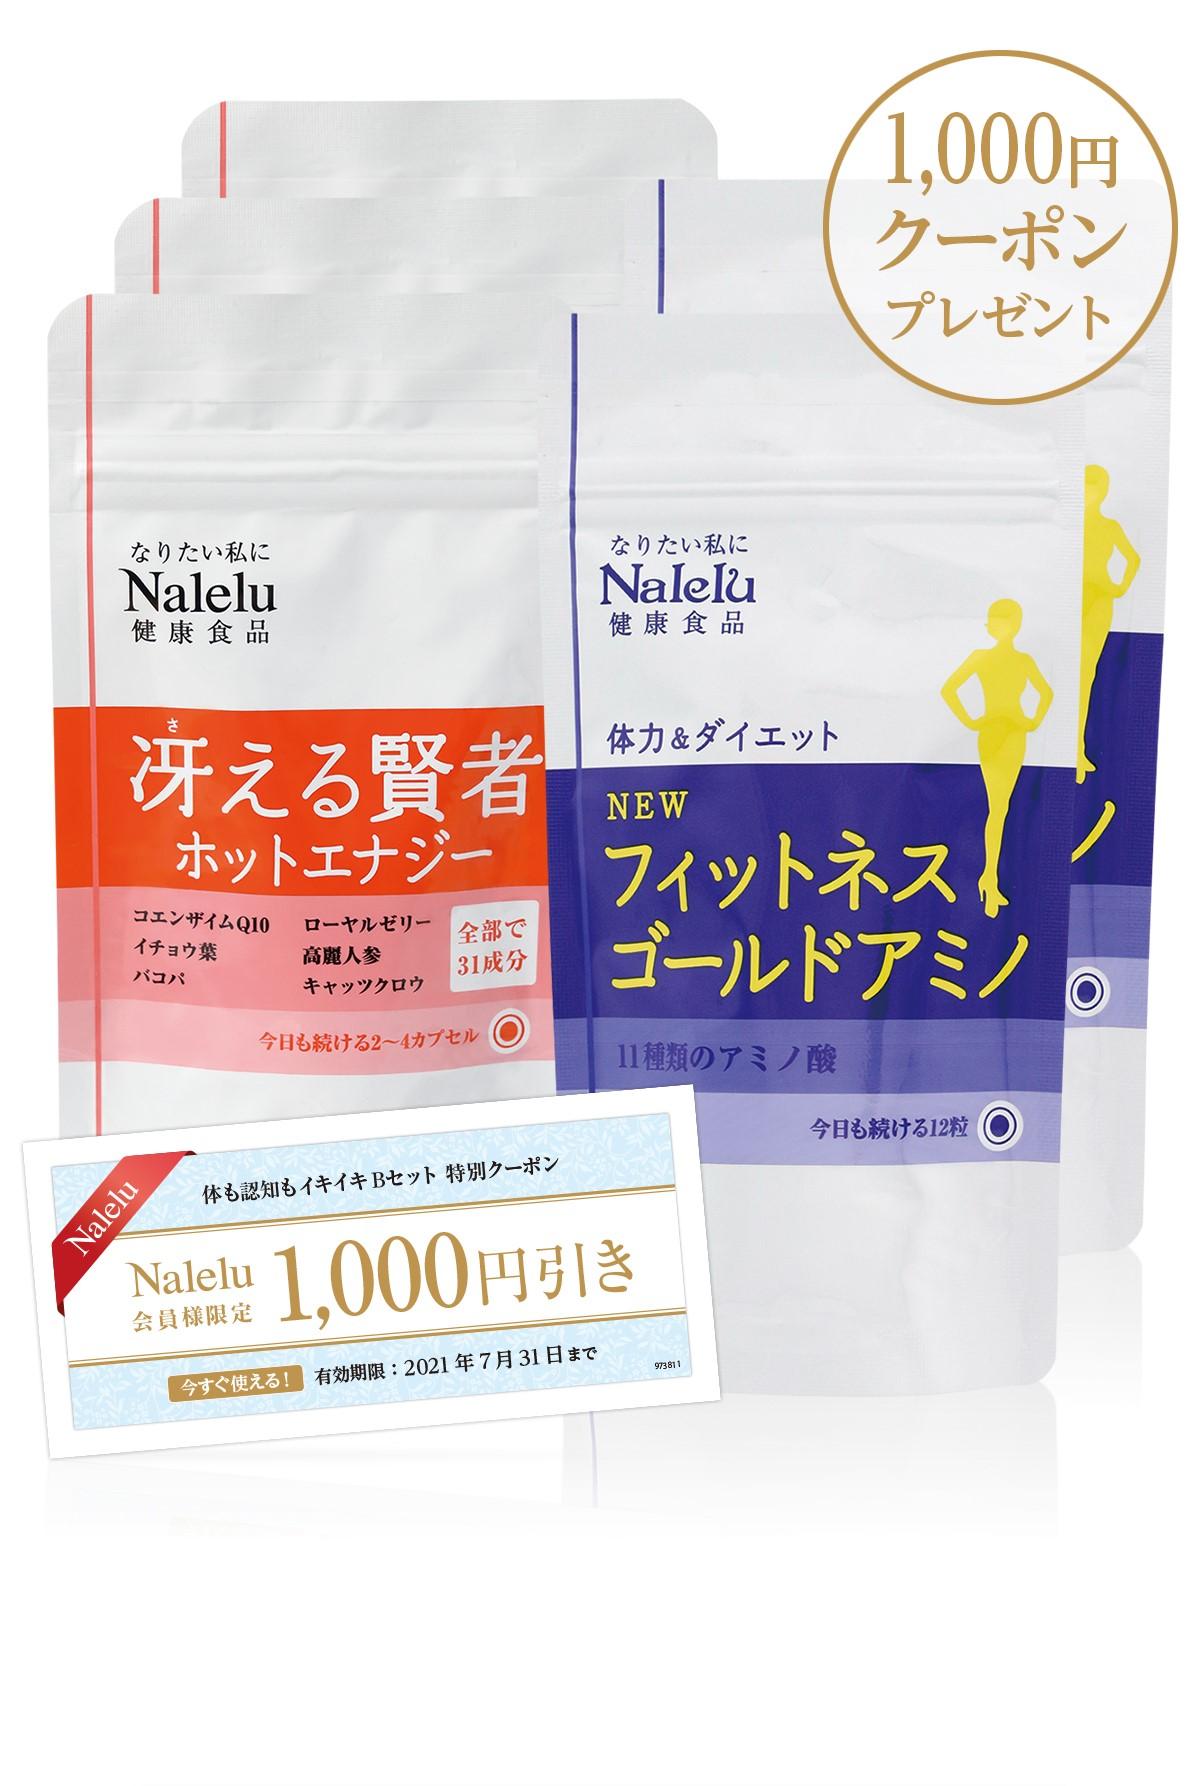 体も認知もイキイキBセット Nalelu商品券1,000円分プレゼント